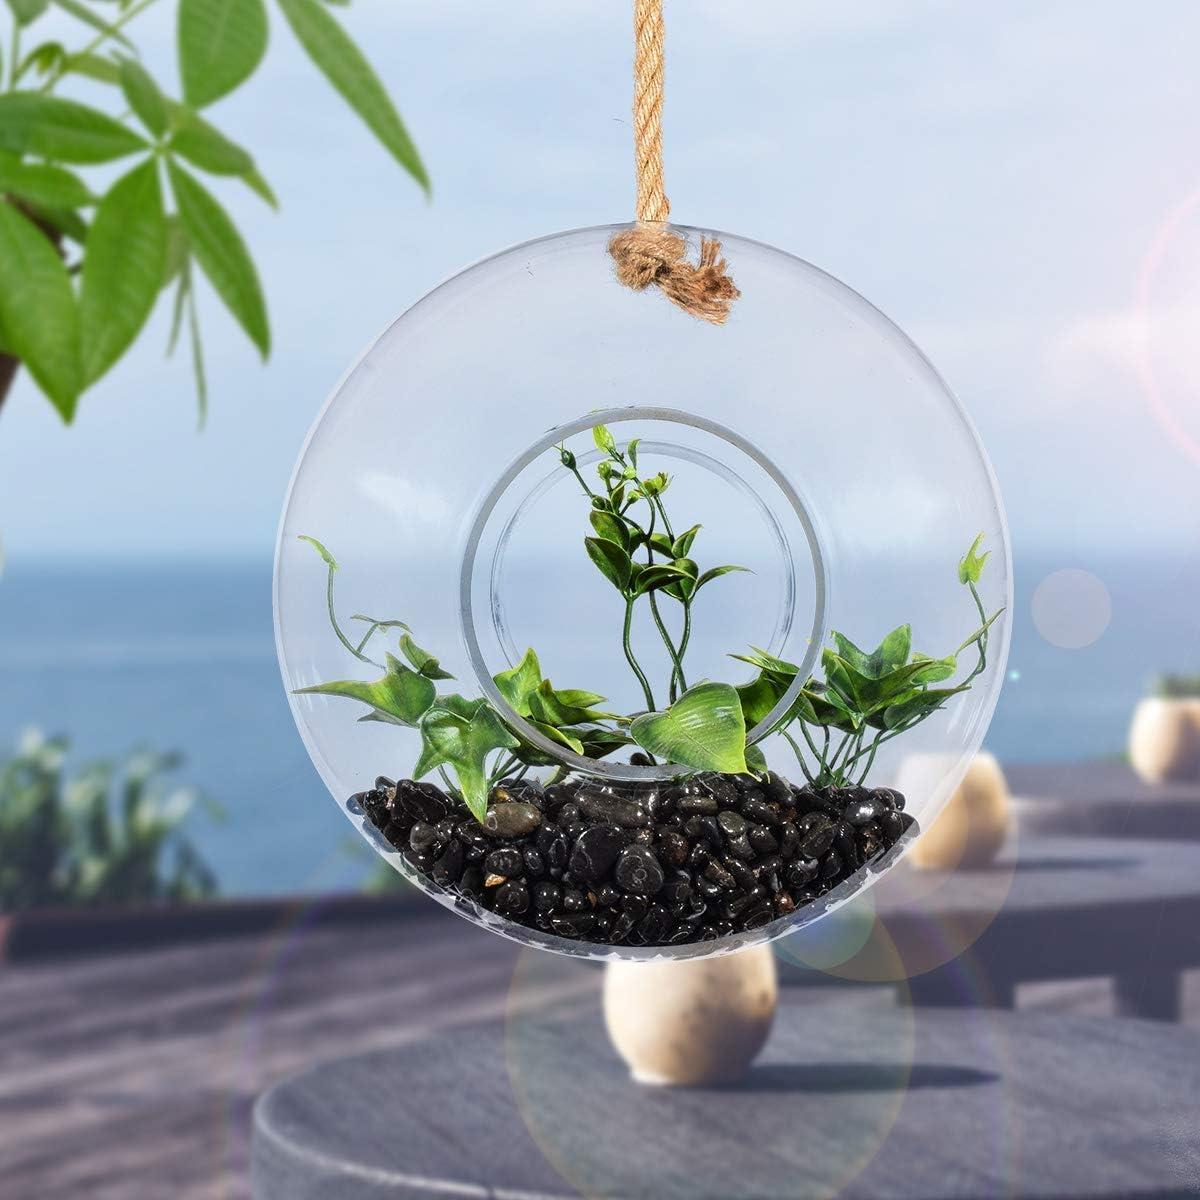 Lot de 3 en pot artificielle succulent Hanging terrarium avec faux air Plante Vase